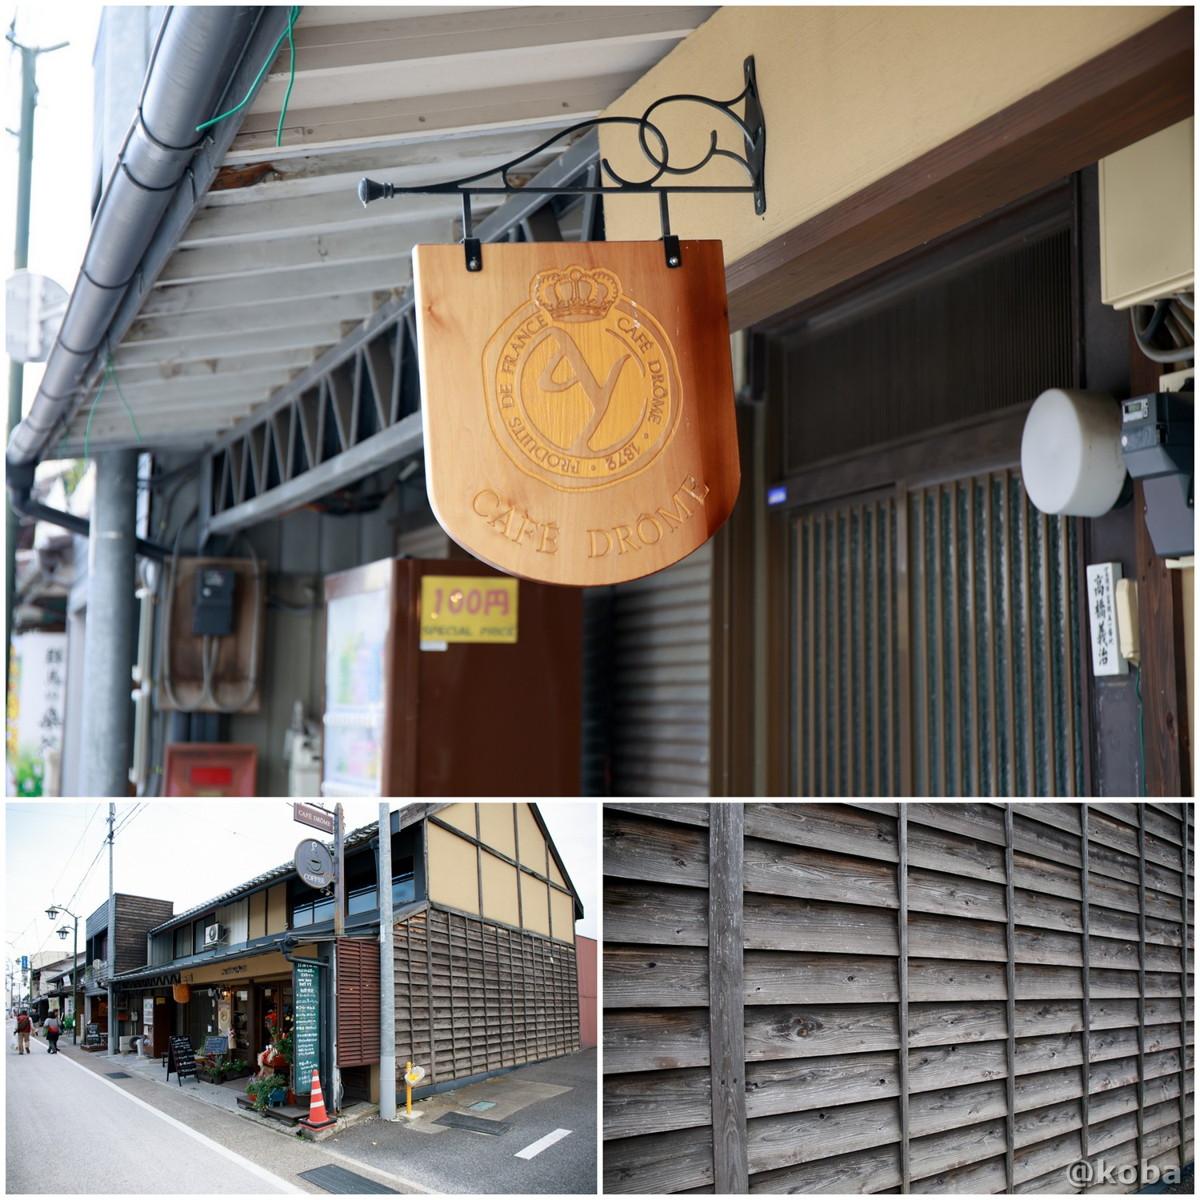 看板と木造外壁│カフェ・ドローム(CAFE・DROME)│群馬県富岡市